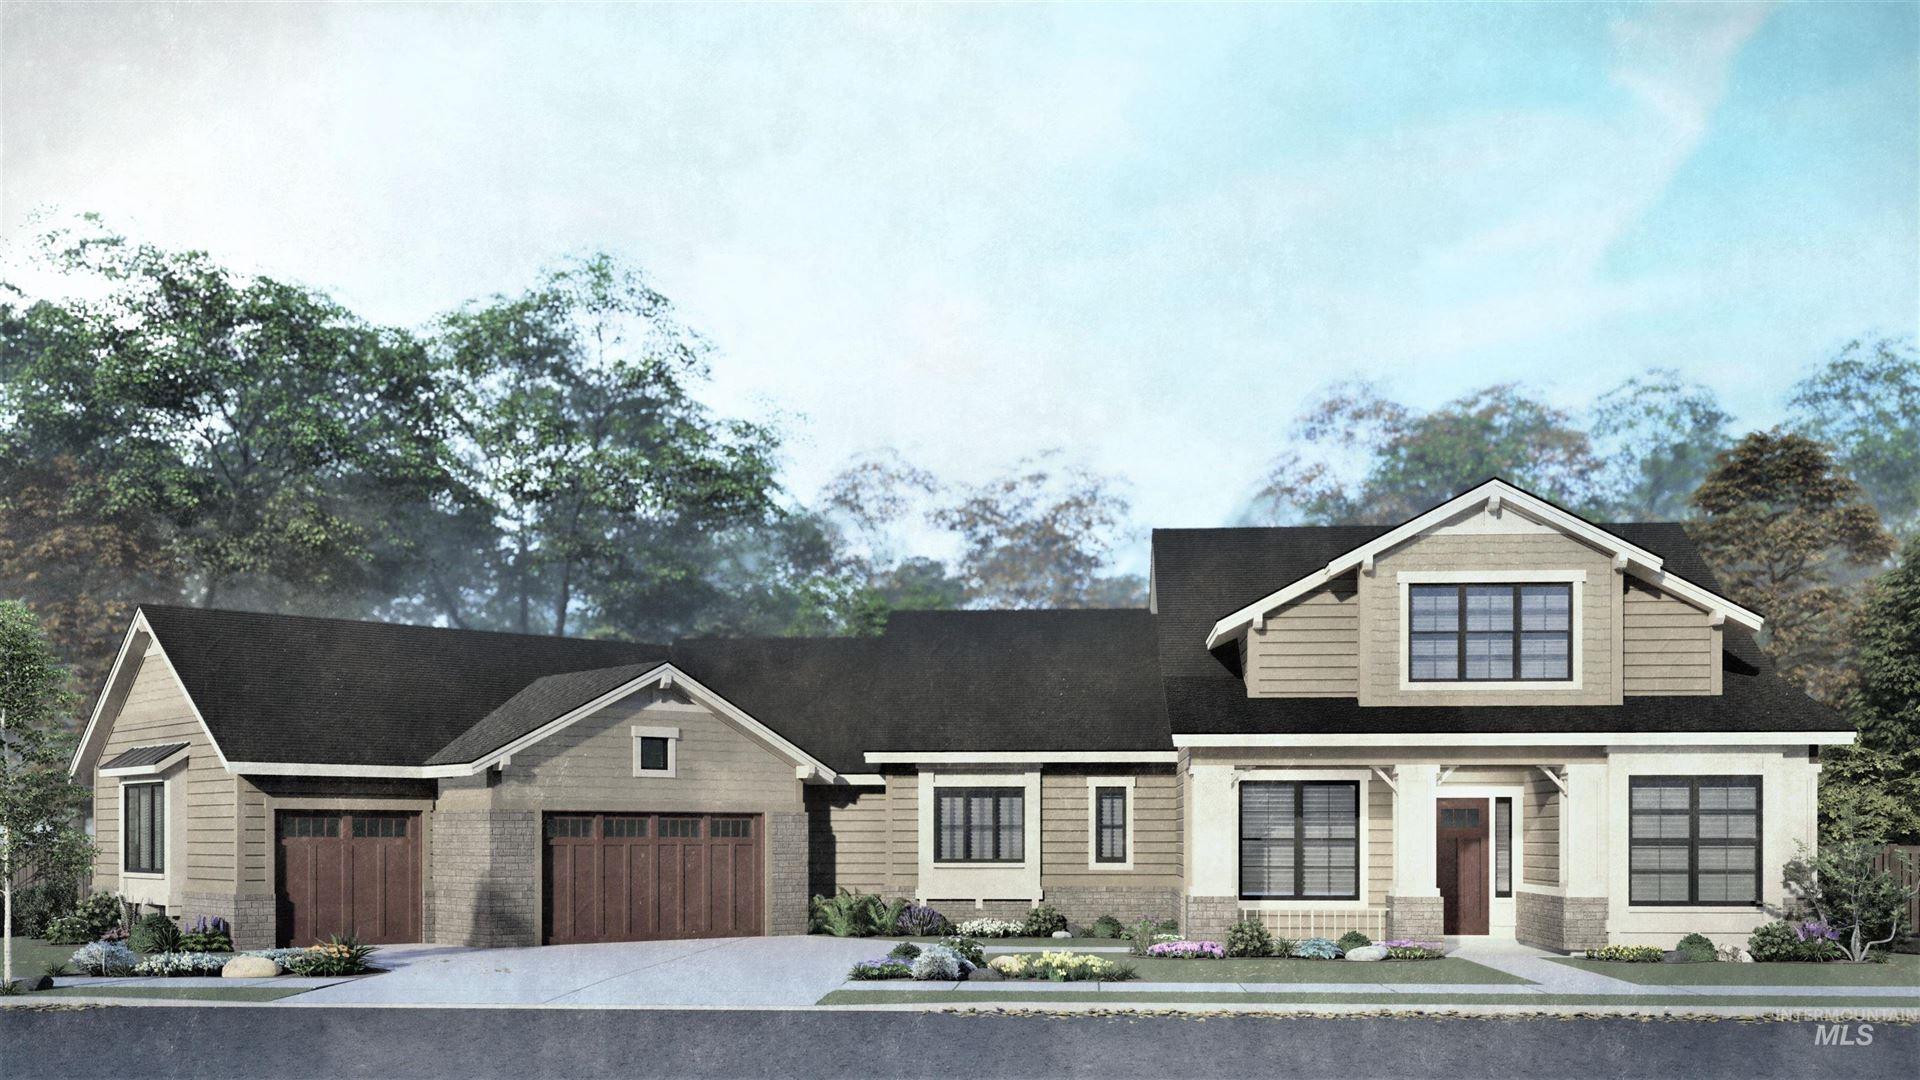 3706 Neville Ranch Ct., Boise, ID 83714 - MLS#: 98812612